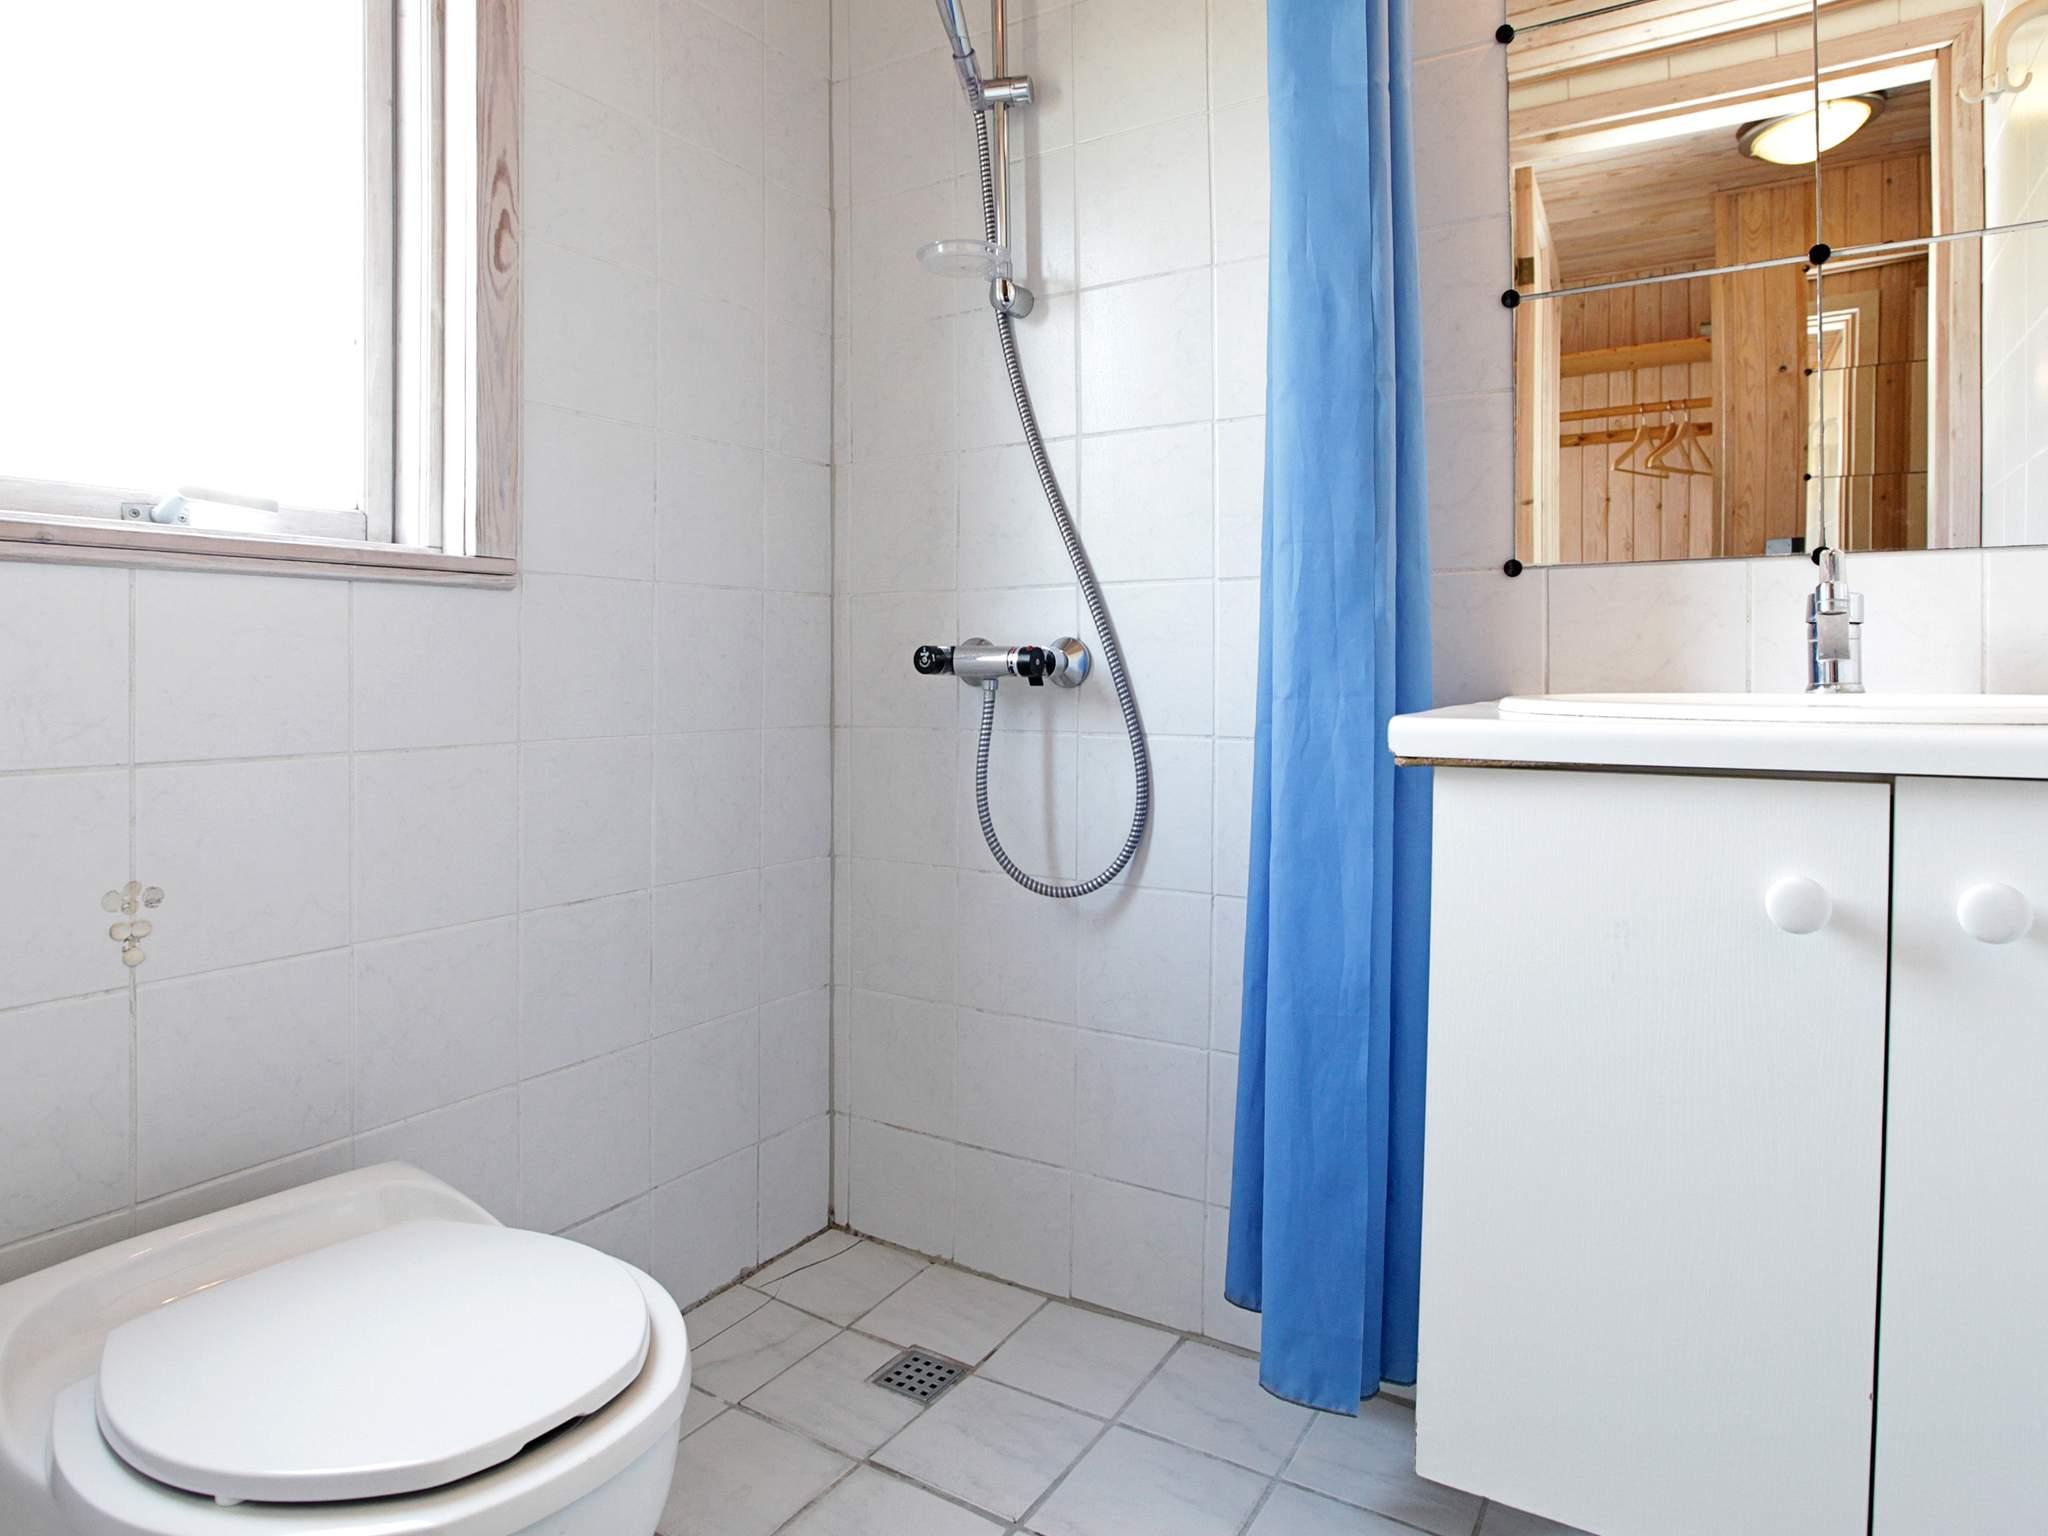 Ferienhaus Hummingen (84295), Hummingen, , Lolland, Dänemark, Bild 23